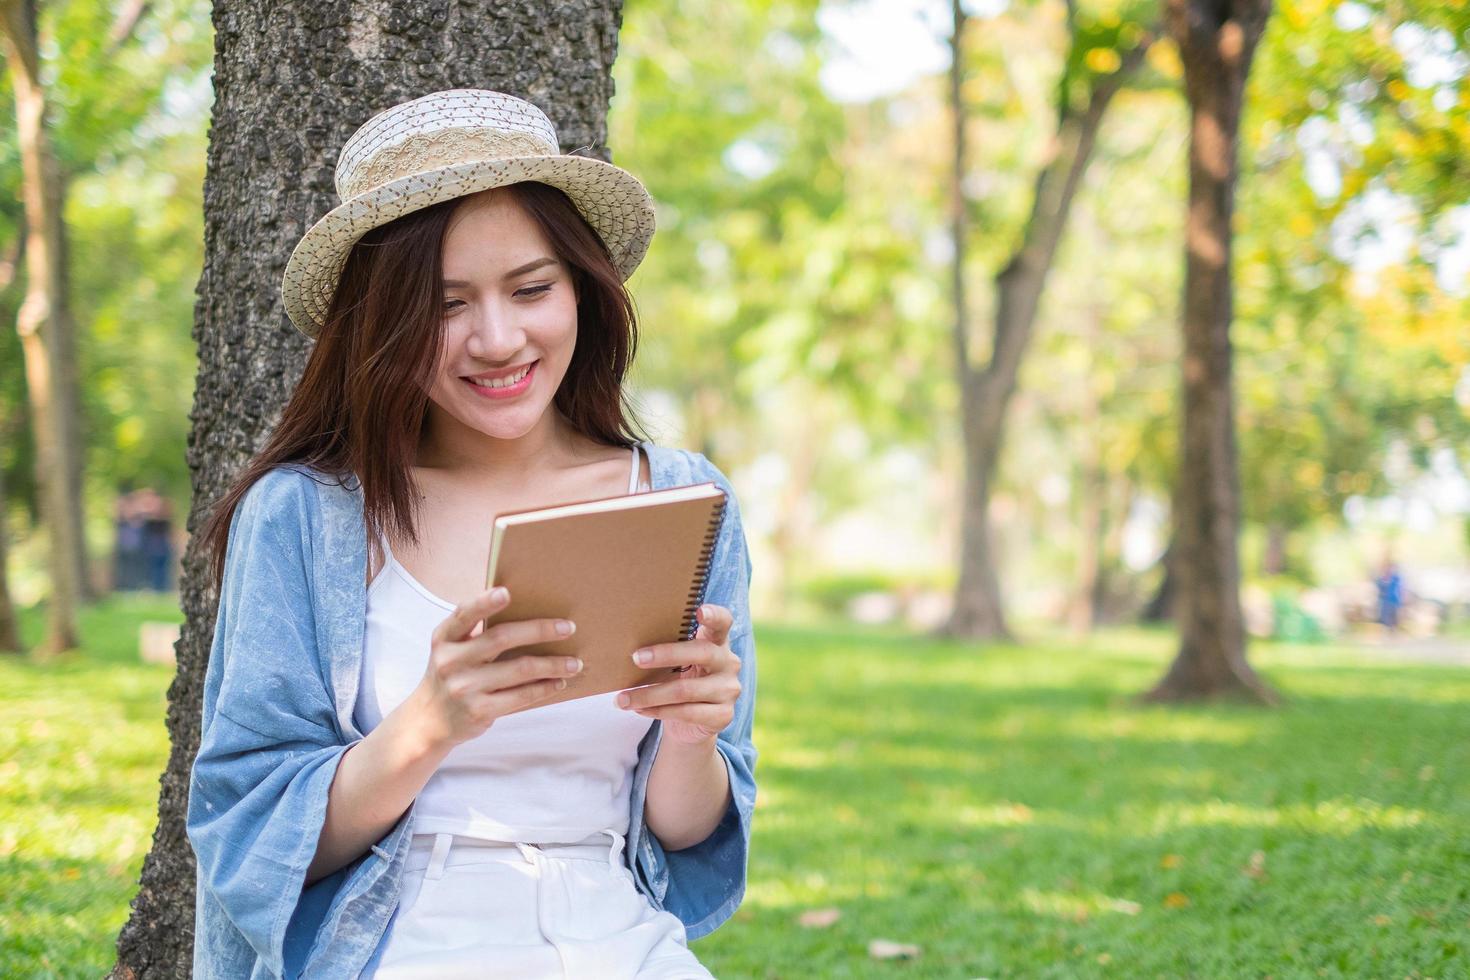 mulher olhando para notebook no parque foto